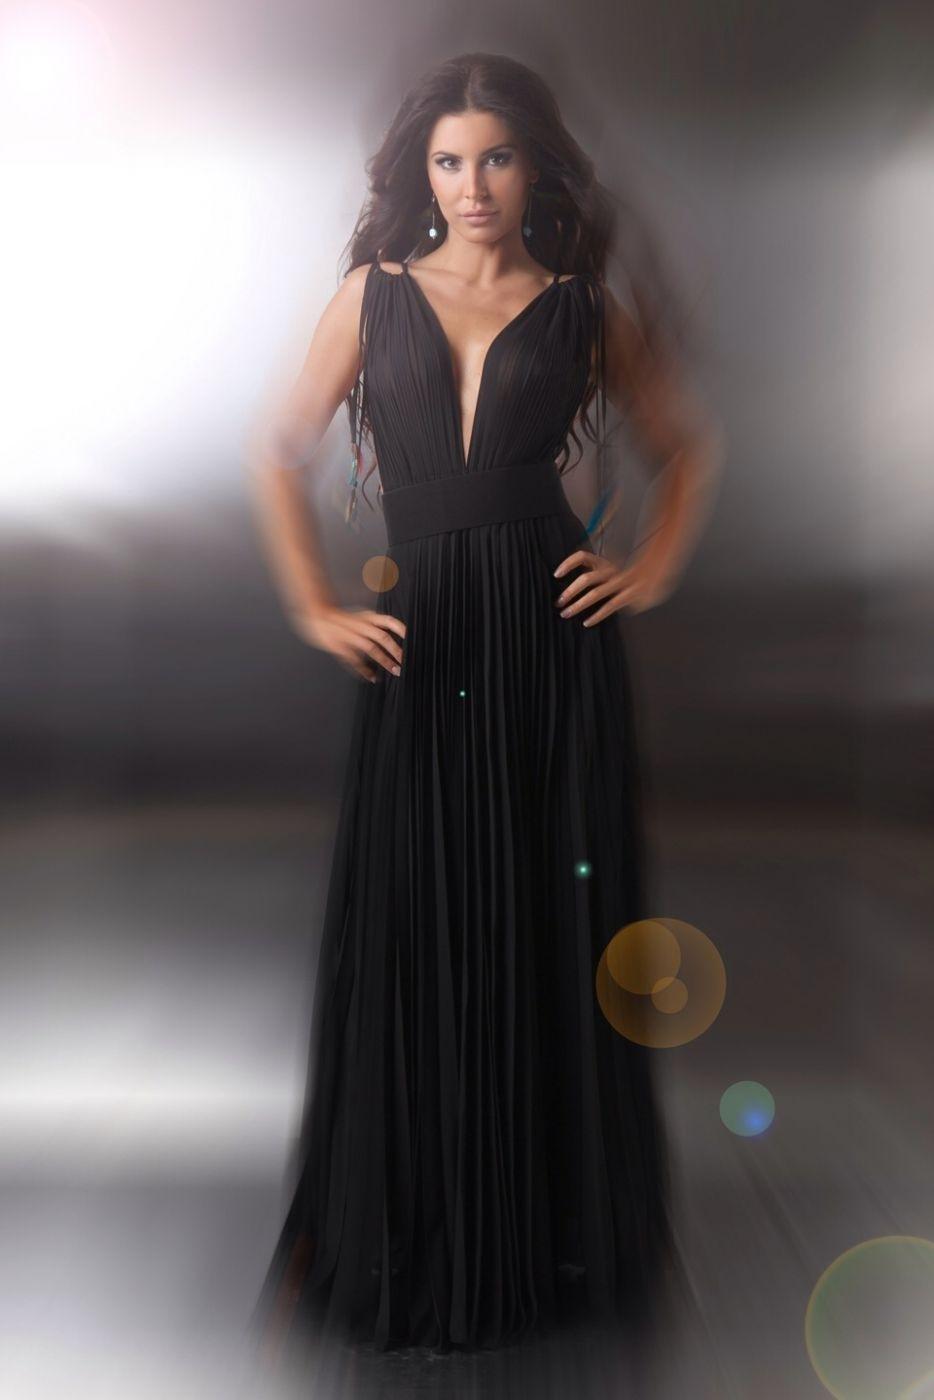 13 Luxurius Langes Abendkleid Schwarz Bester Preis Top Langes Abendkleid Schwarz Galerie